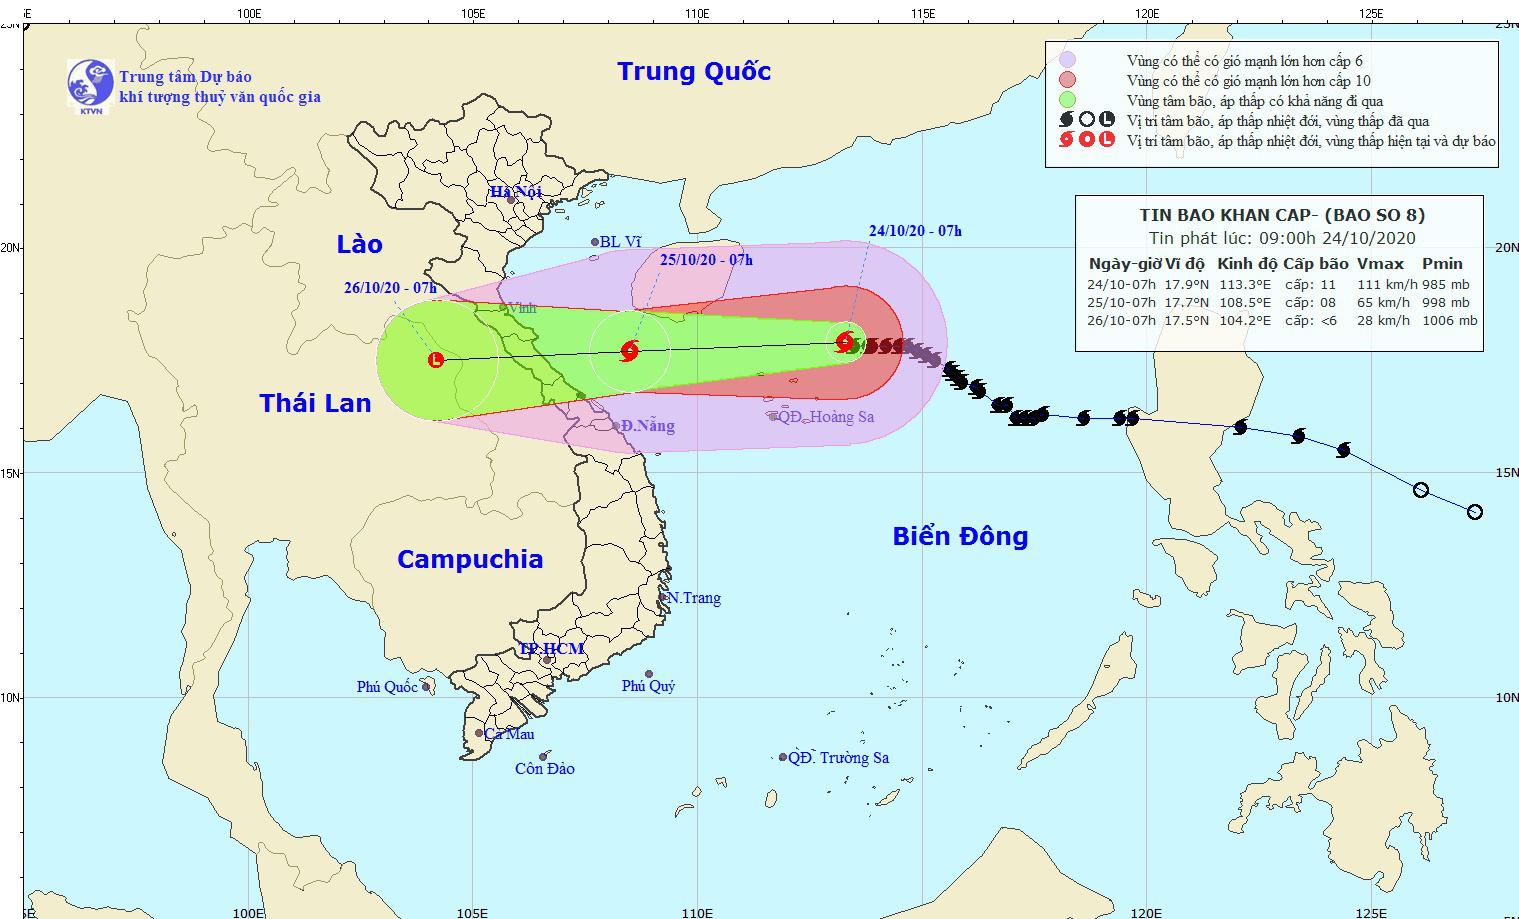 Ảnh hưởng bão số 8, đêm nay, 24/10, Nghệ An - Thừa Thiên Huế lại có mưa  - Ảnh 1.